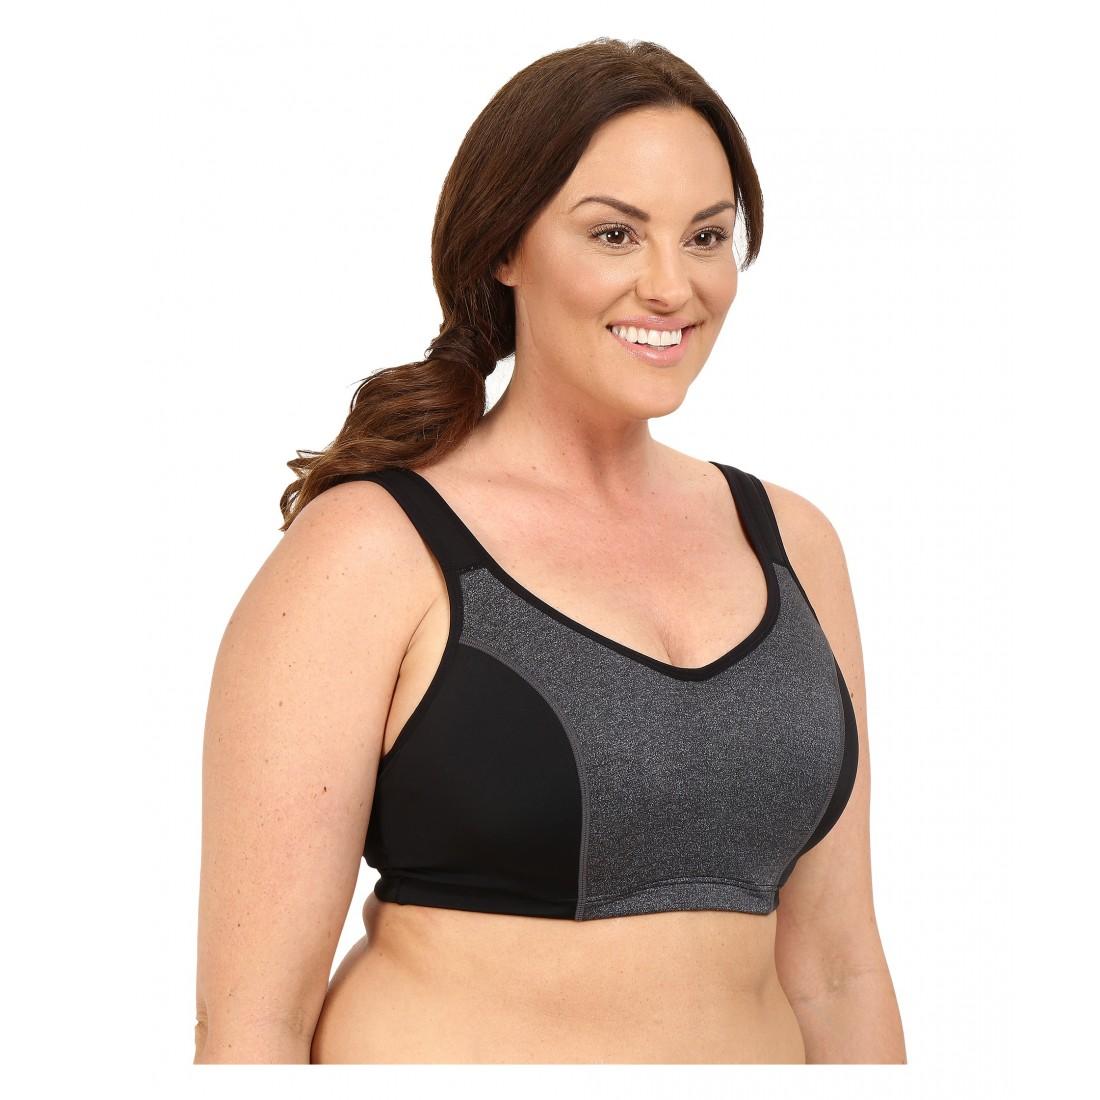 bf6d7b1d6b961 Marika Curves Gabriella Sport Bra 6PM8730401 Black Marl Solid Black Elastic